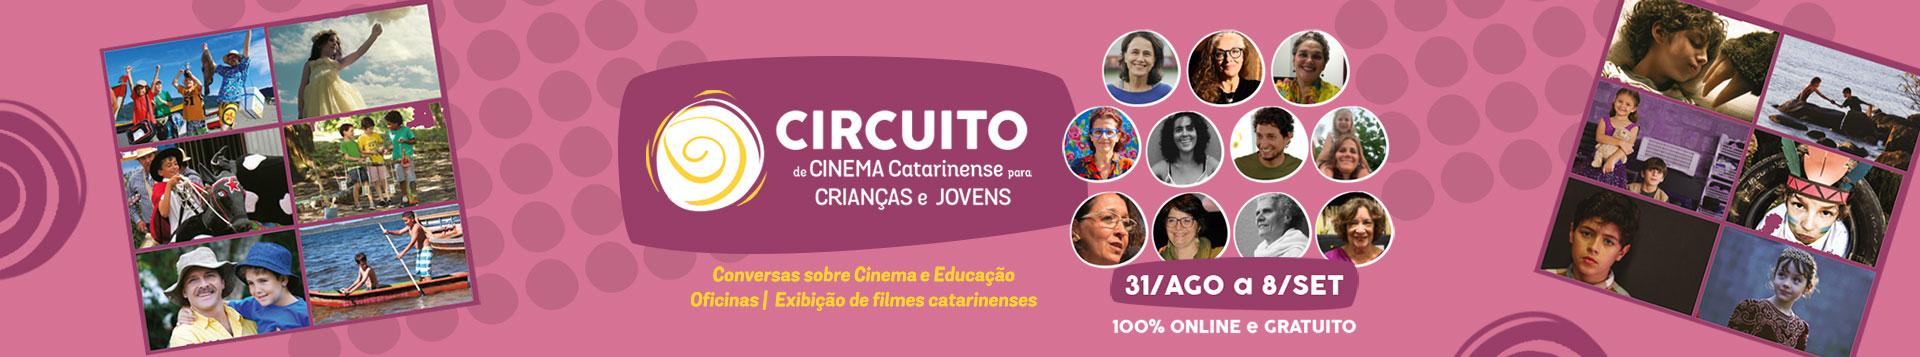 Circuito de Cinema Catarinense para Crianças e Jovens